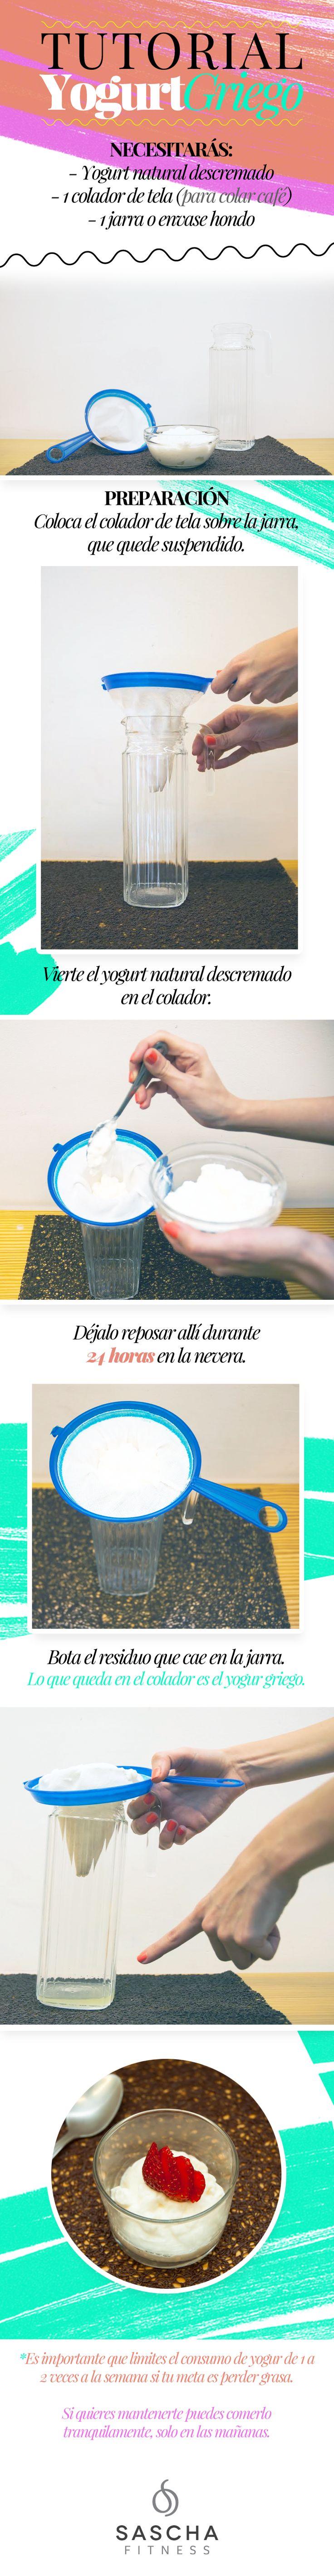 Tutorial de Yogurt Griego                                                                                                                                                      Más